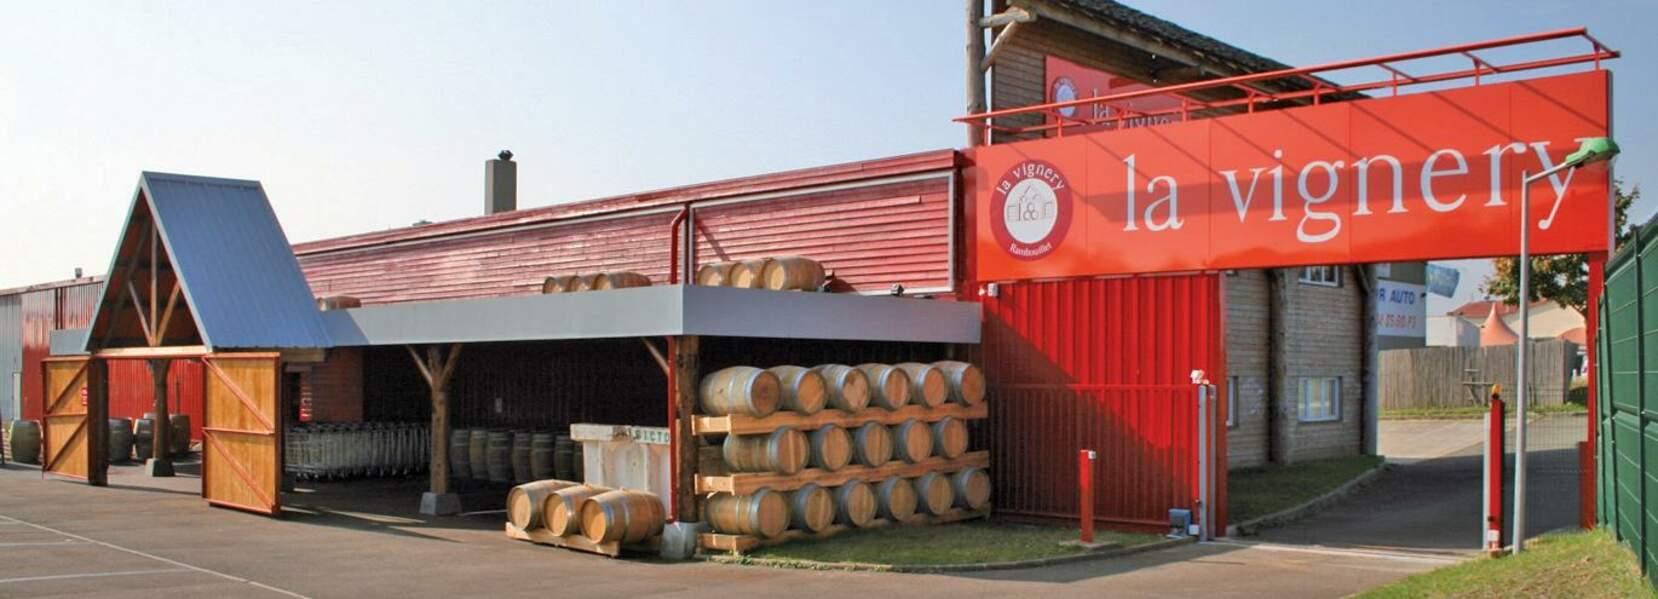 2.La Vignery, le supermarché du vin